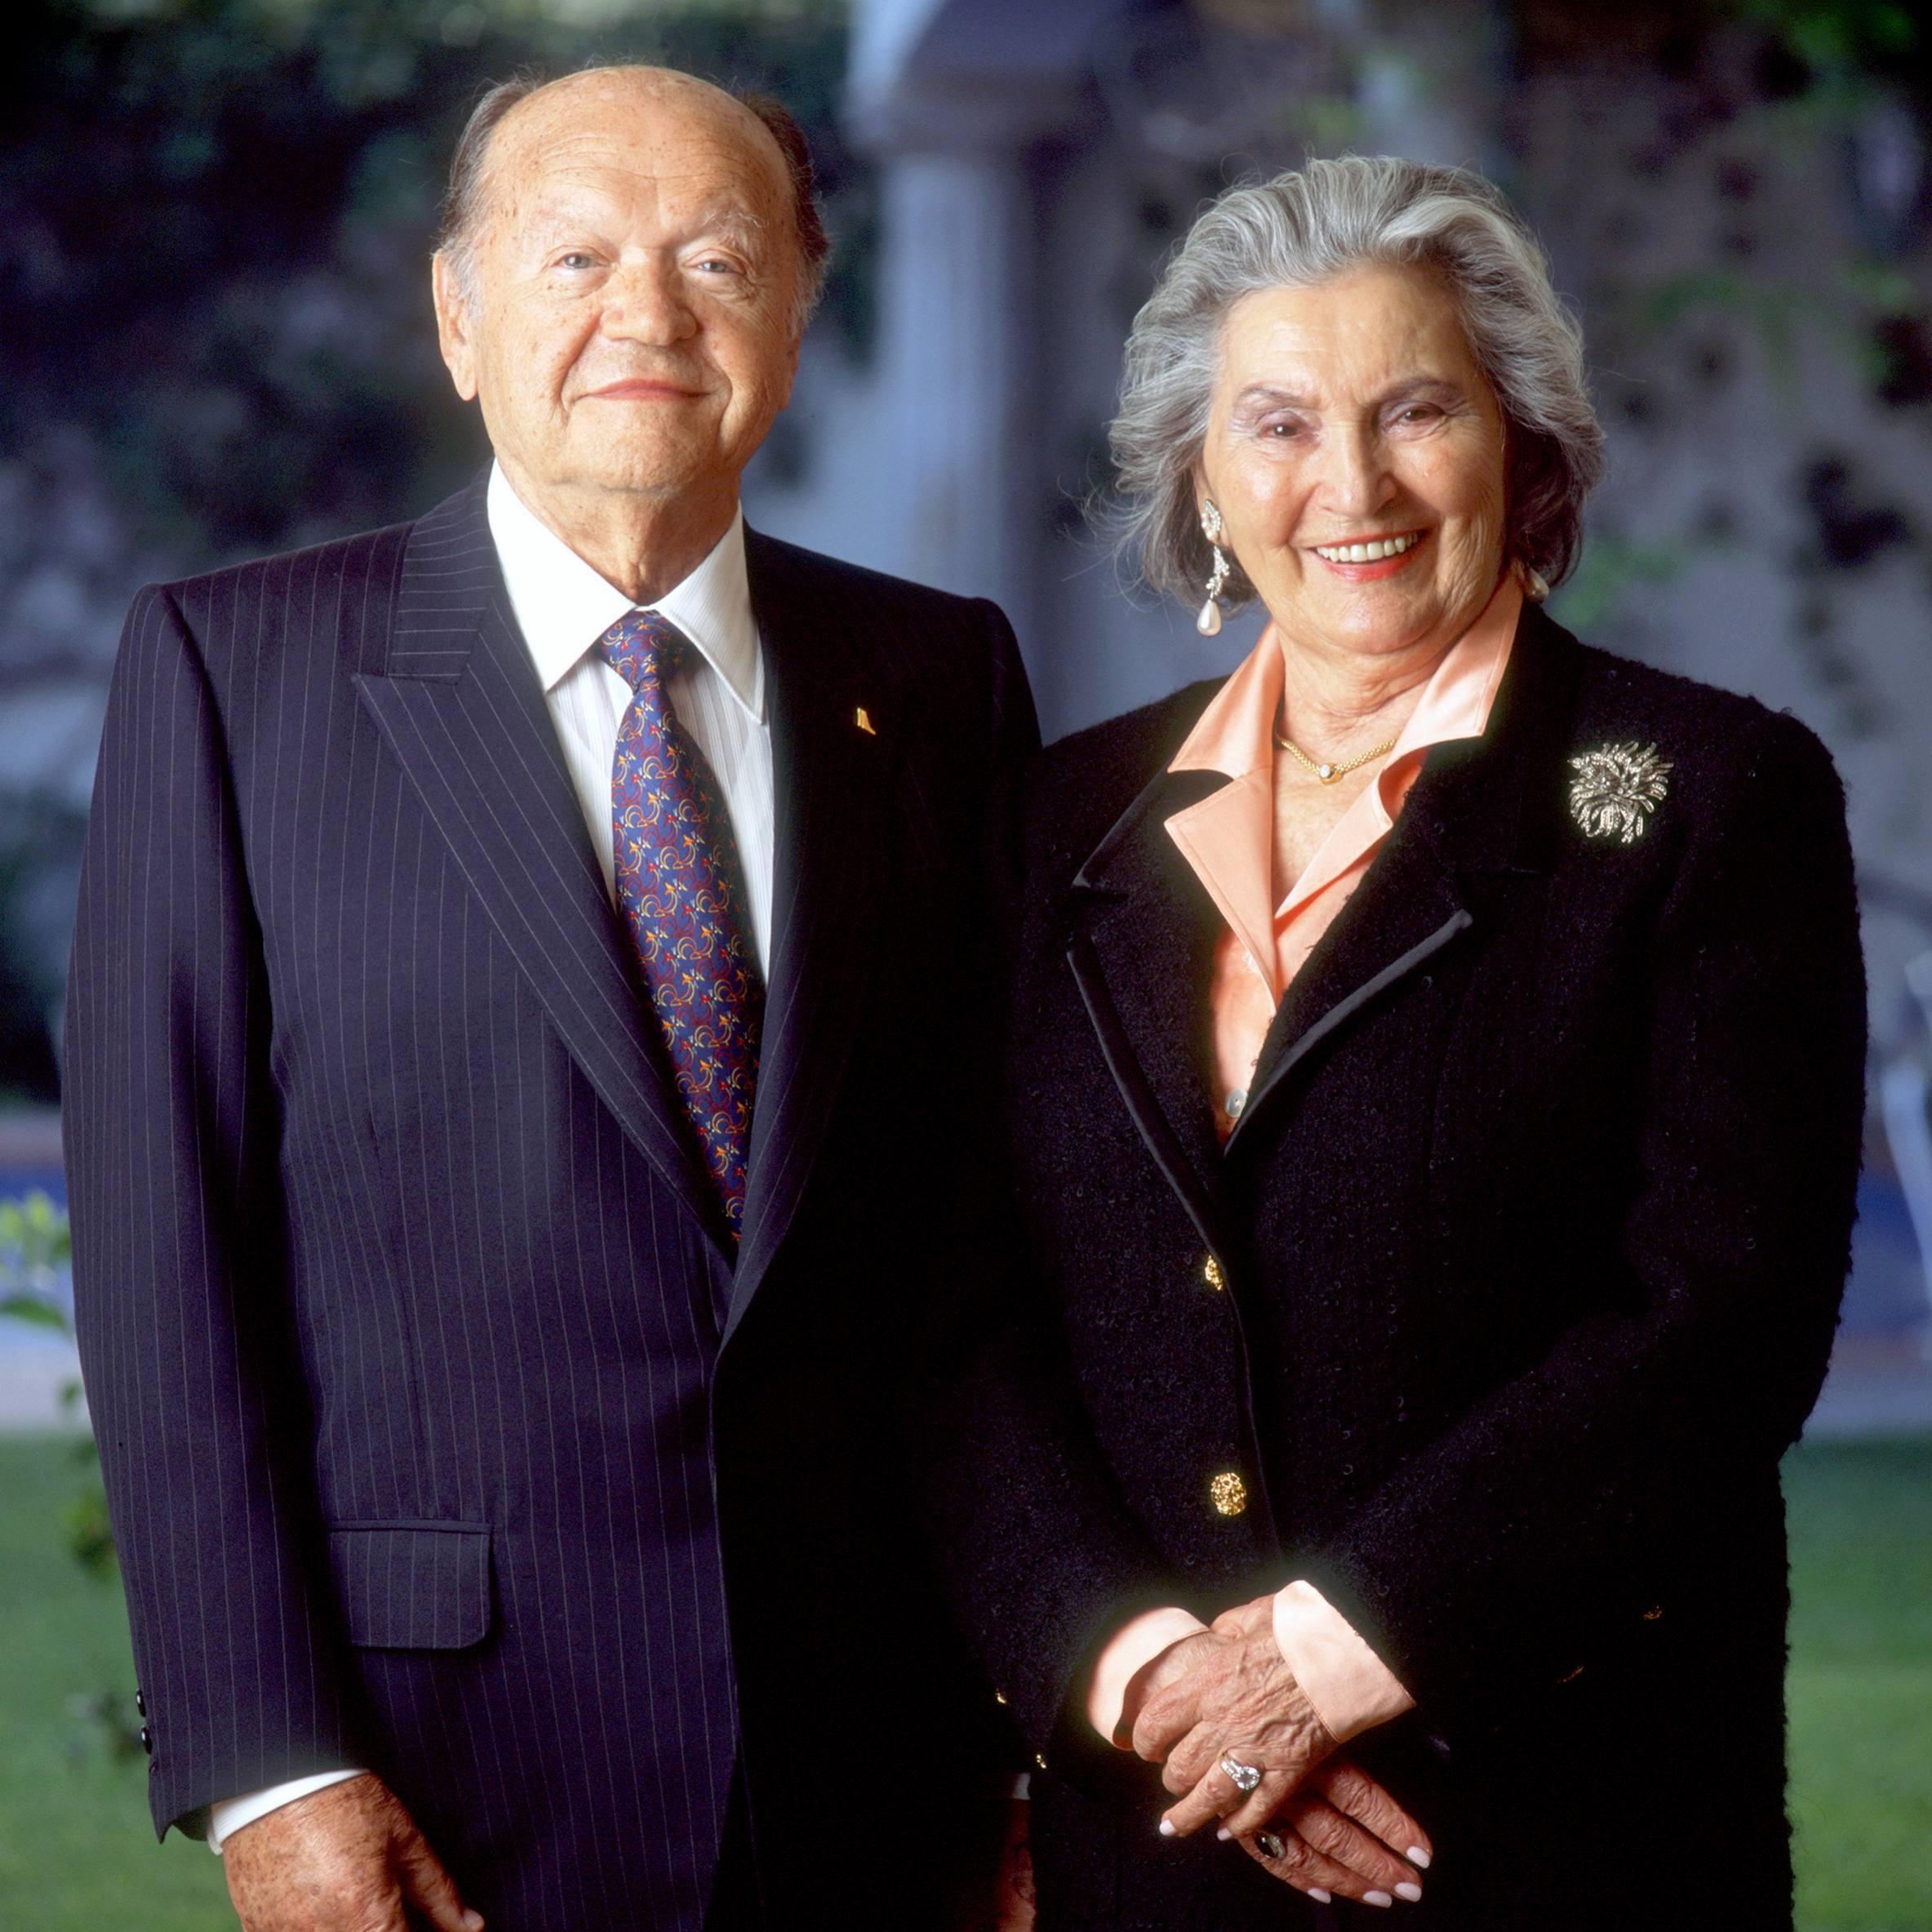 Mr. and Mrs. Leslie Gonda smiling in formal portrait